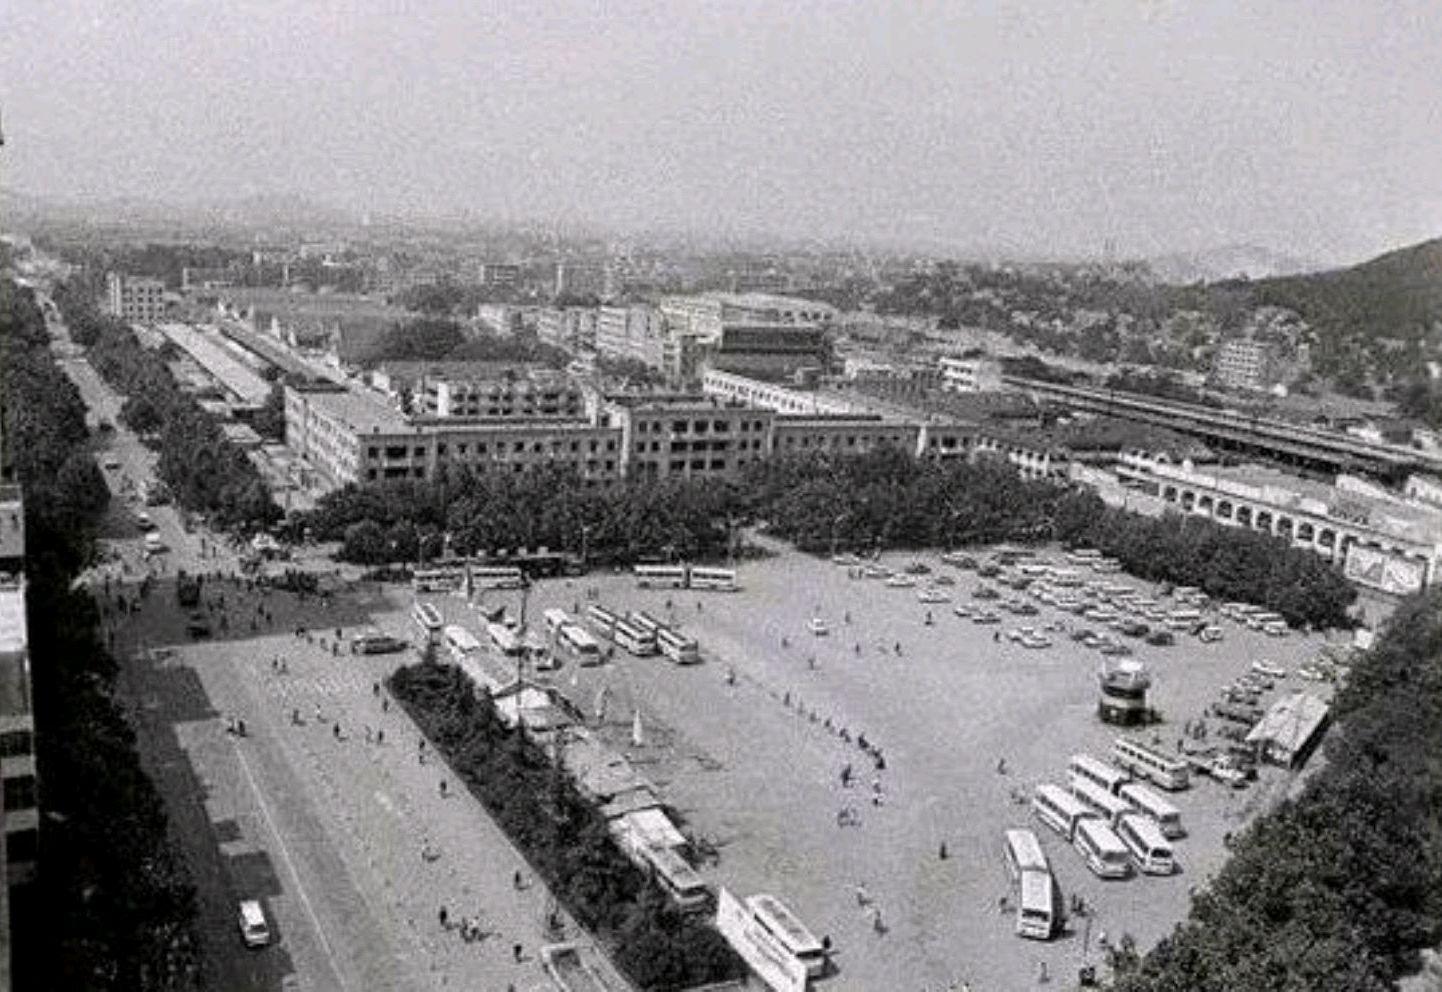 80年代徐州老照片,看下那时的城市状况、生活场景,你还认得不?